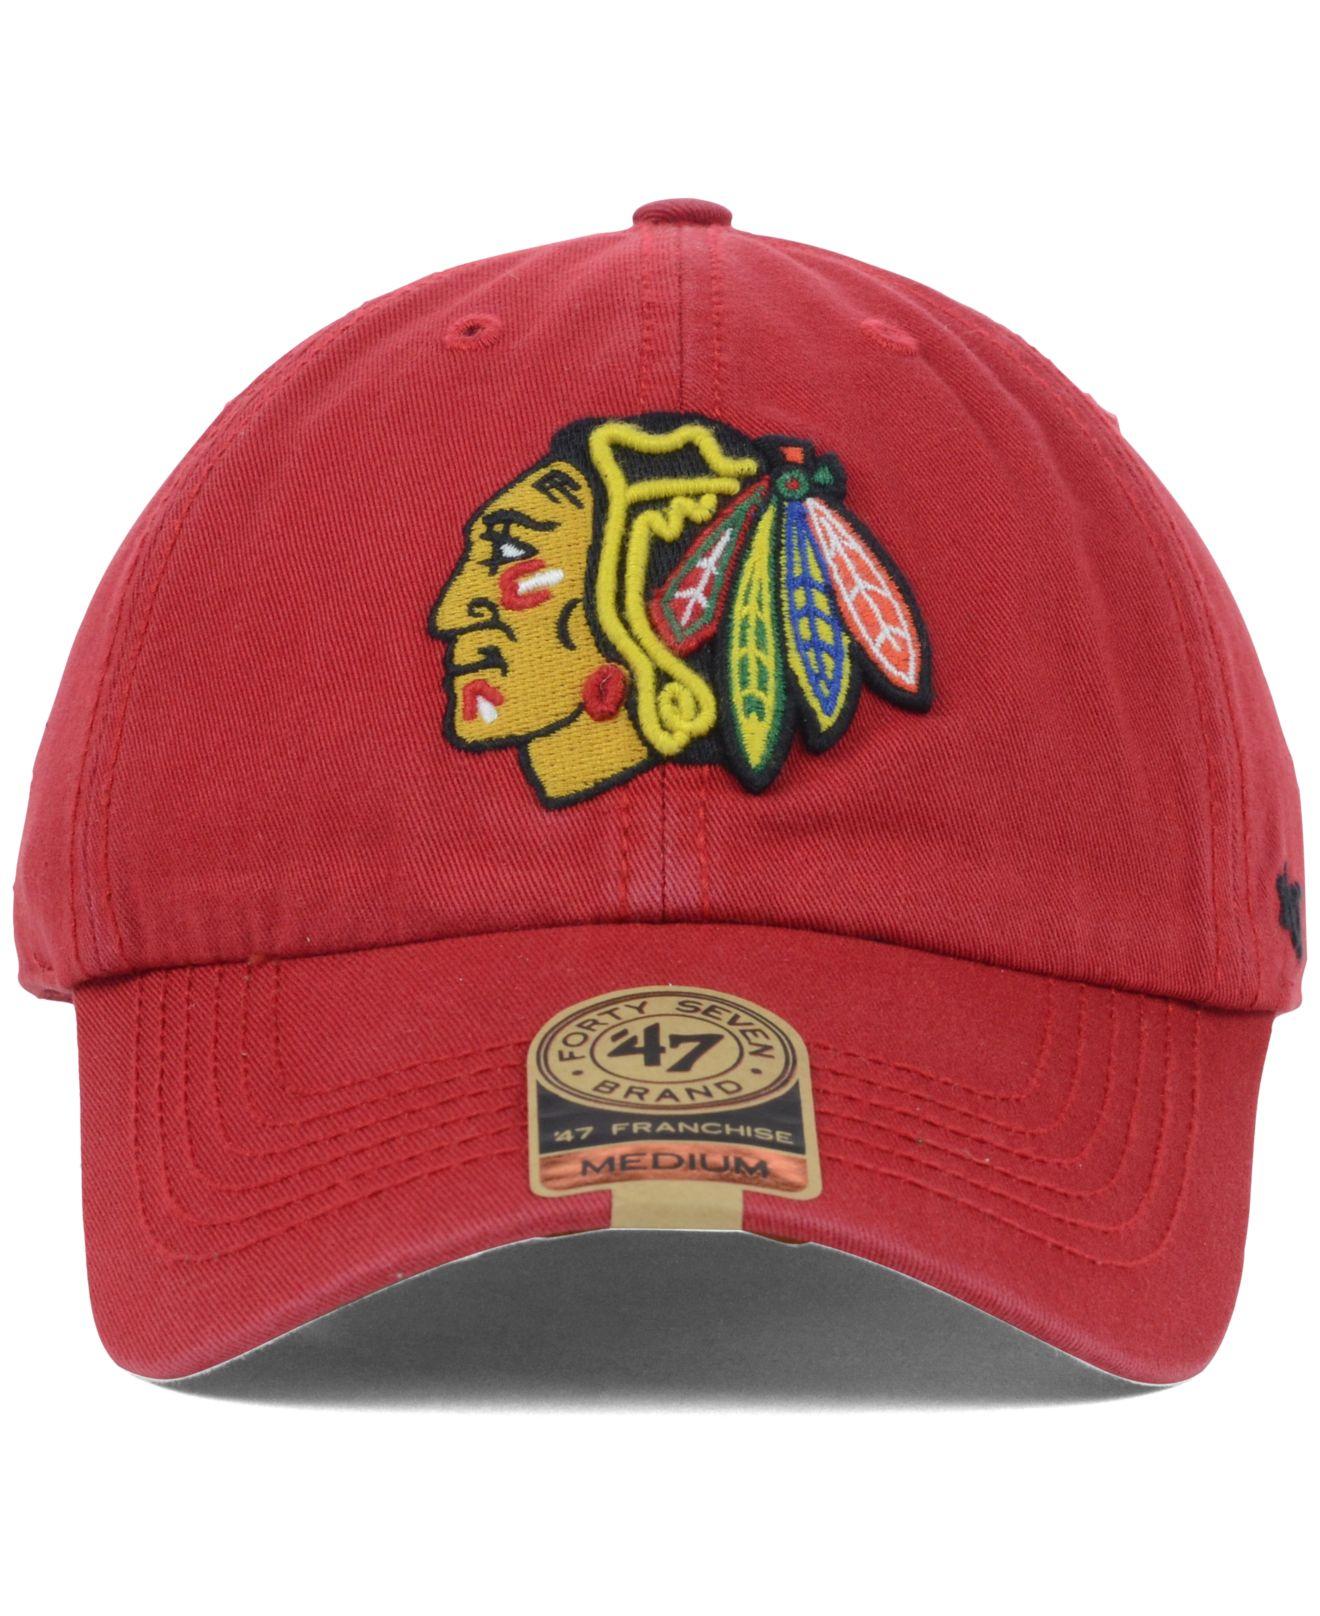 Lyst - 47 Brand Chicago Blackhawks Franchise Cap in Red for Men abfa26da0